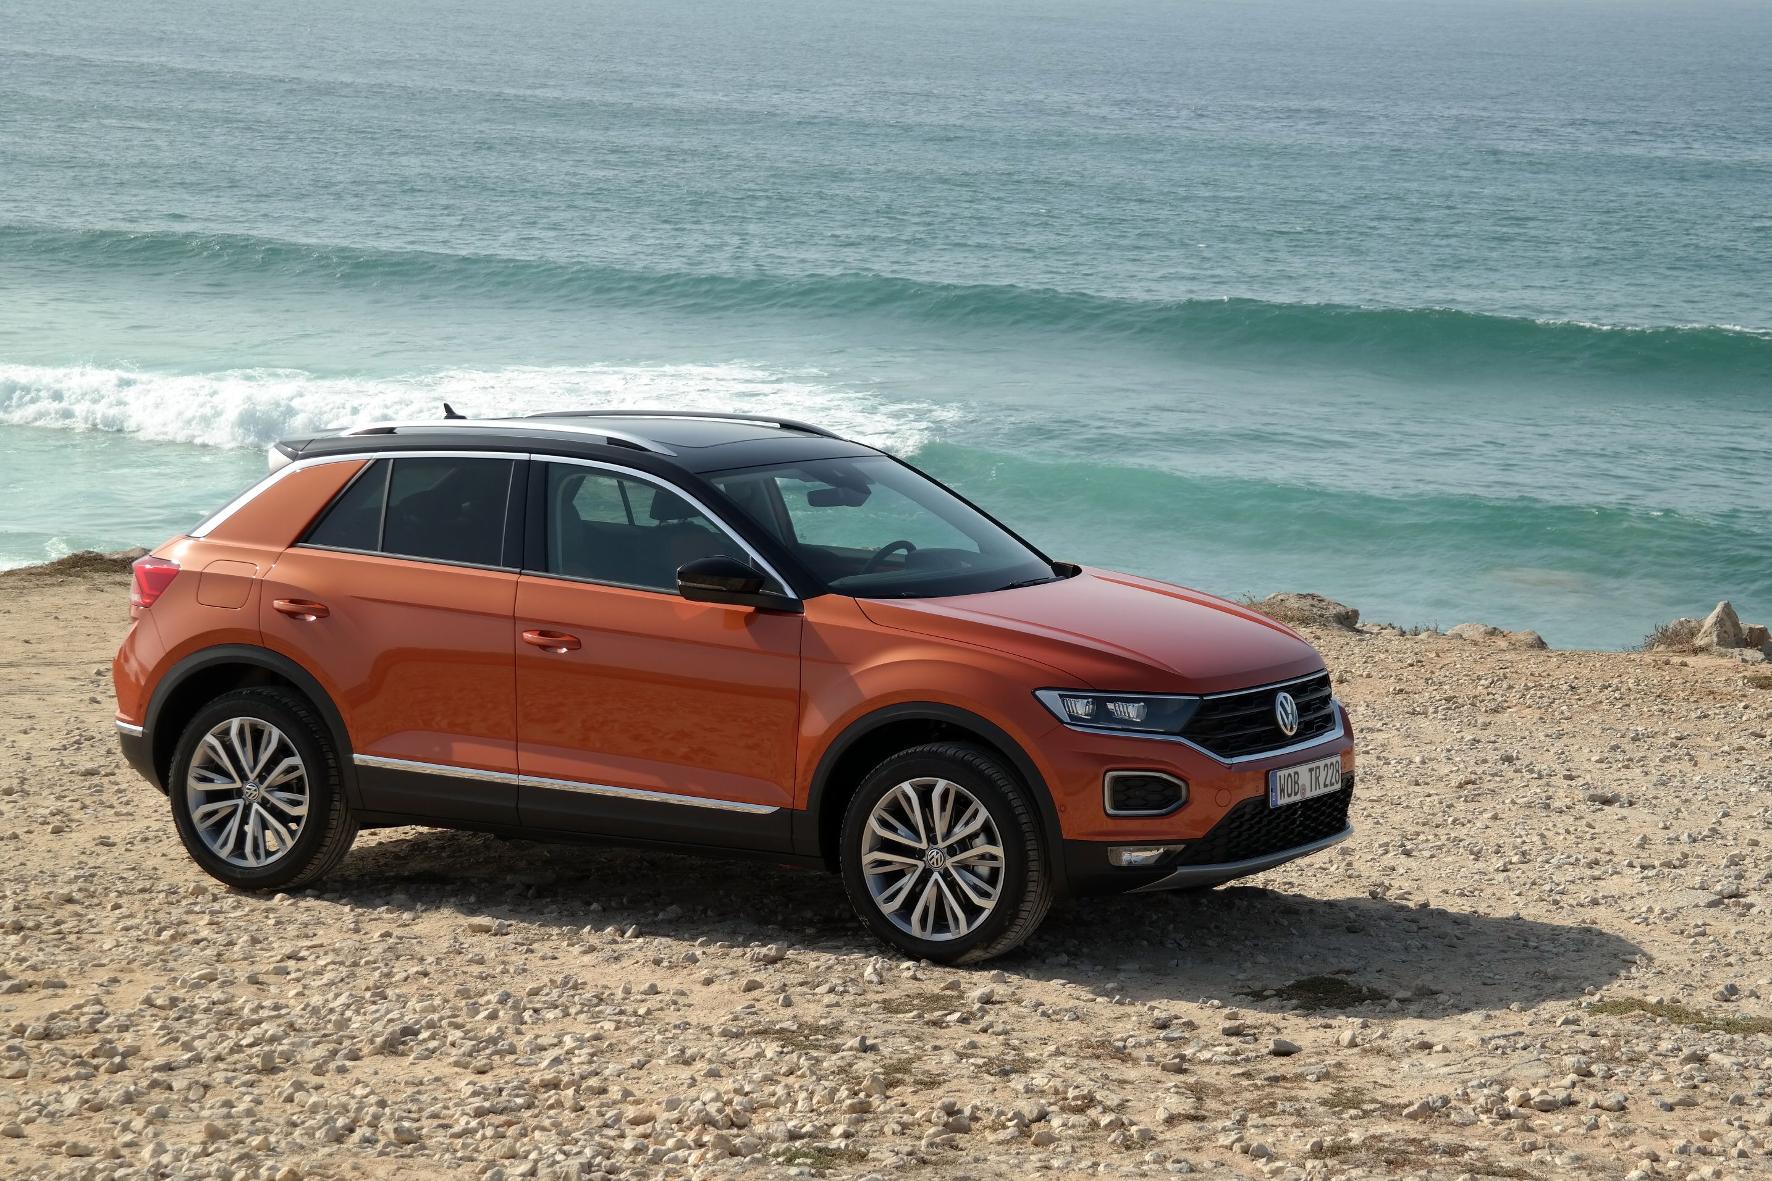 Schwarzes Dach, orange Karosserie: Beim neuen T-Roc setzt VW voll auf Farbe. © Rudolf Huber/mid / TRD